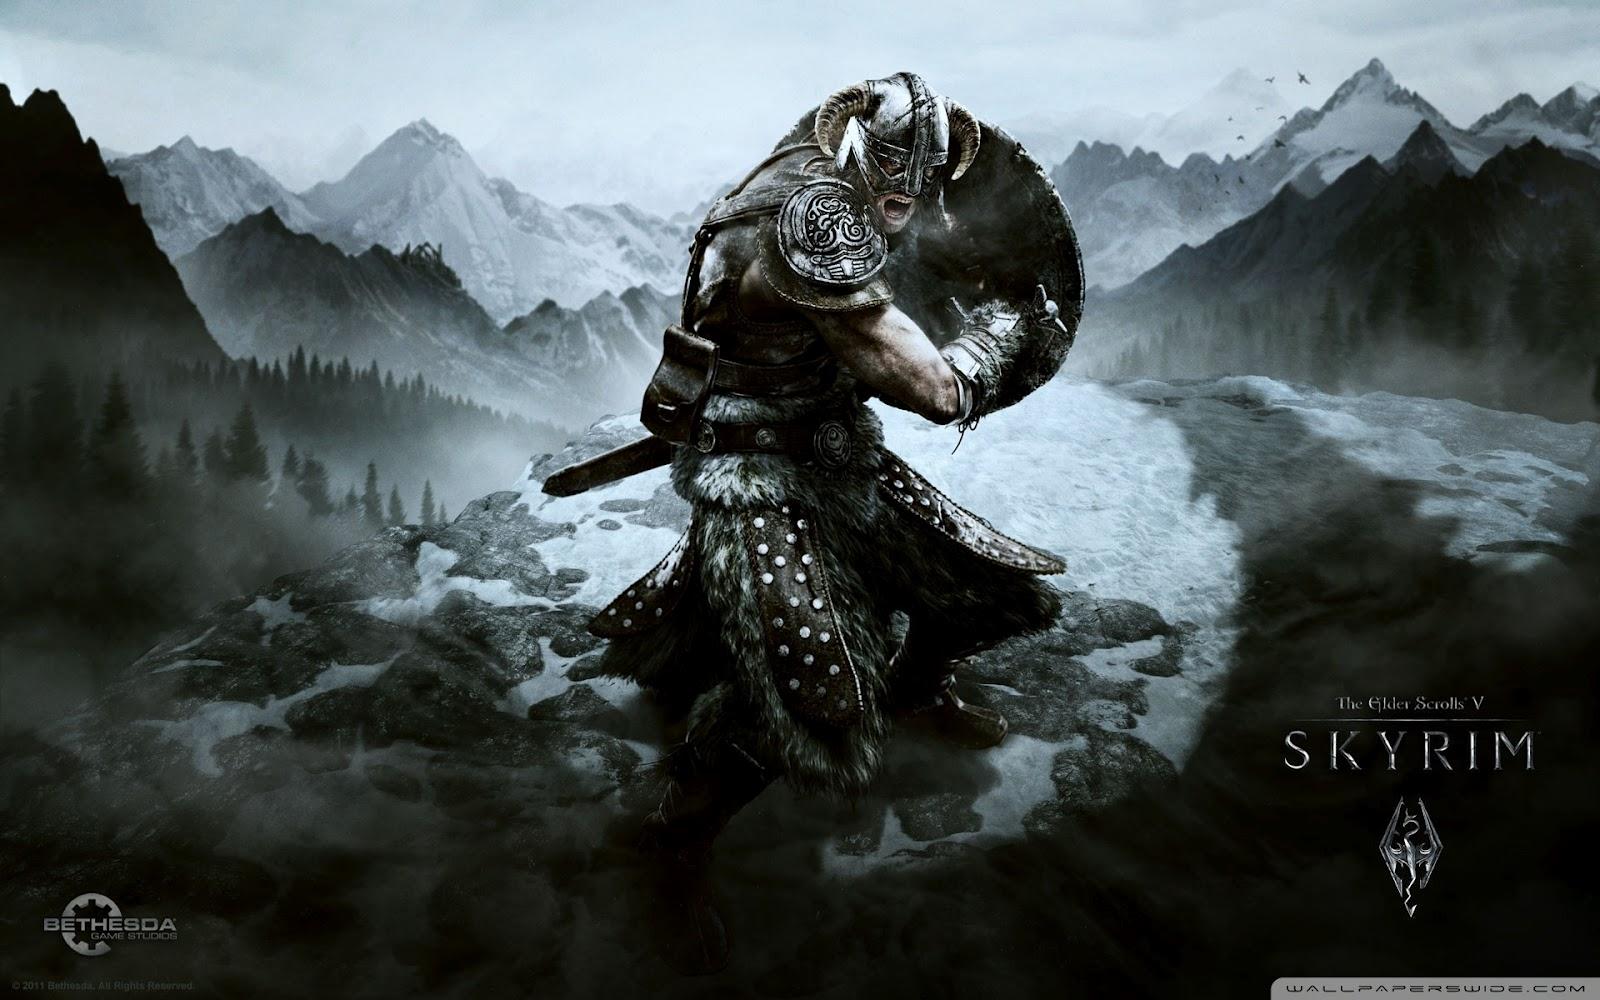 55 Skyrim Wallpaper 1080p On Wallpapersafari